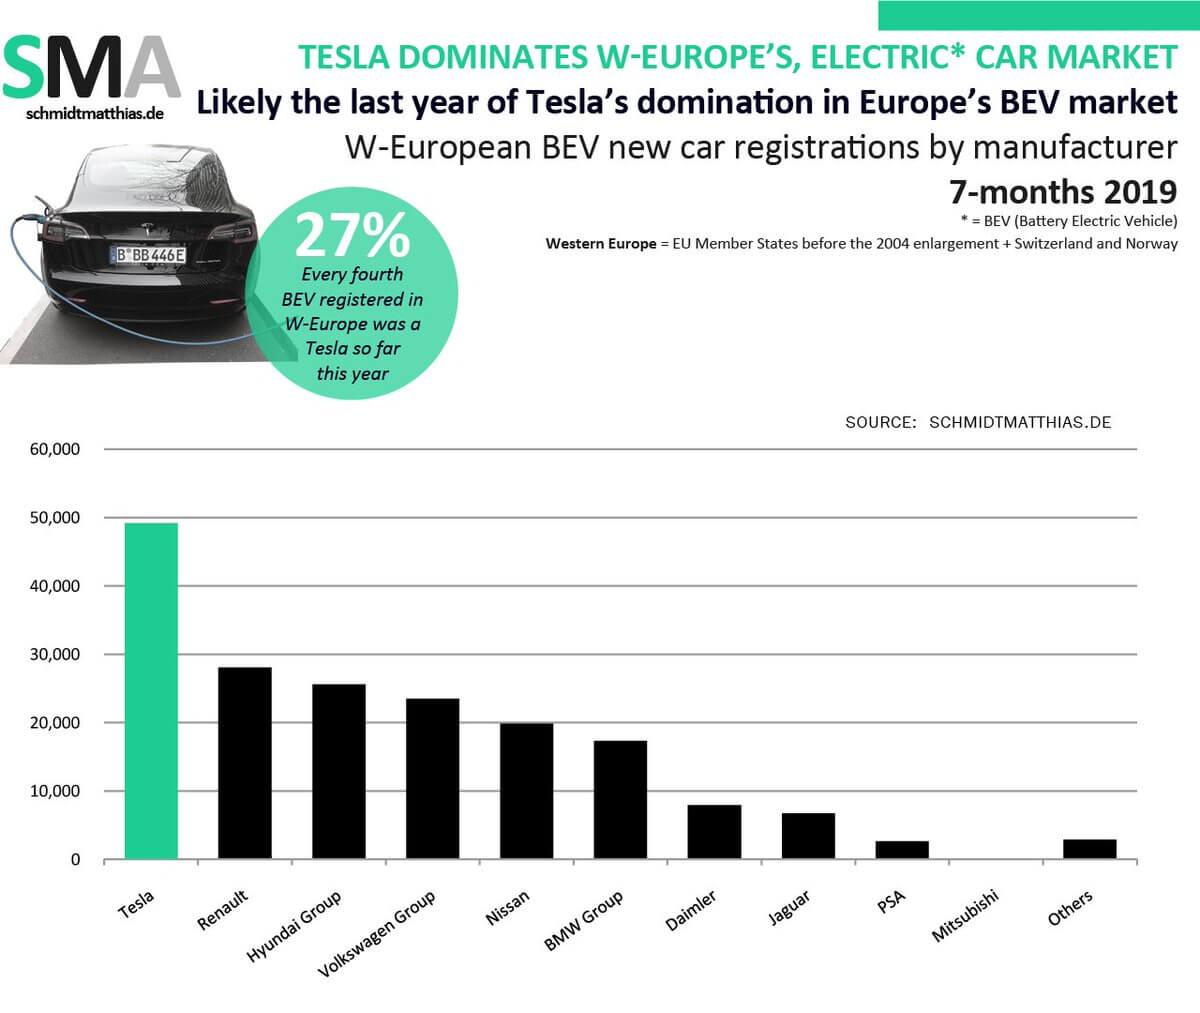 Регистрации электромобилей вЗападной Европе за7месяцев 2019года по производителям